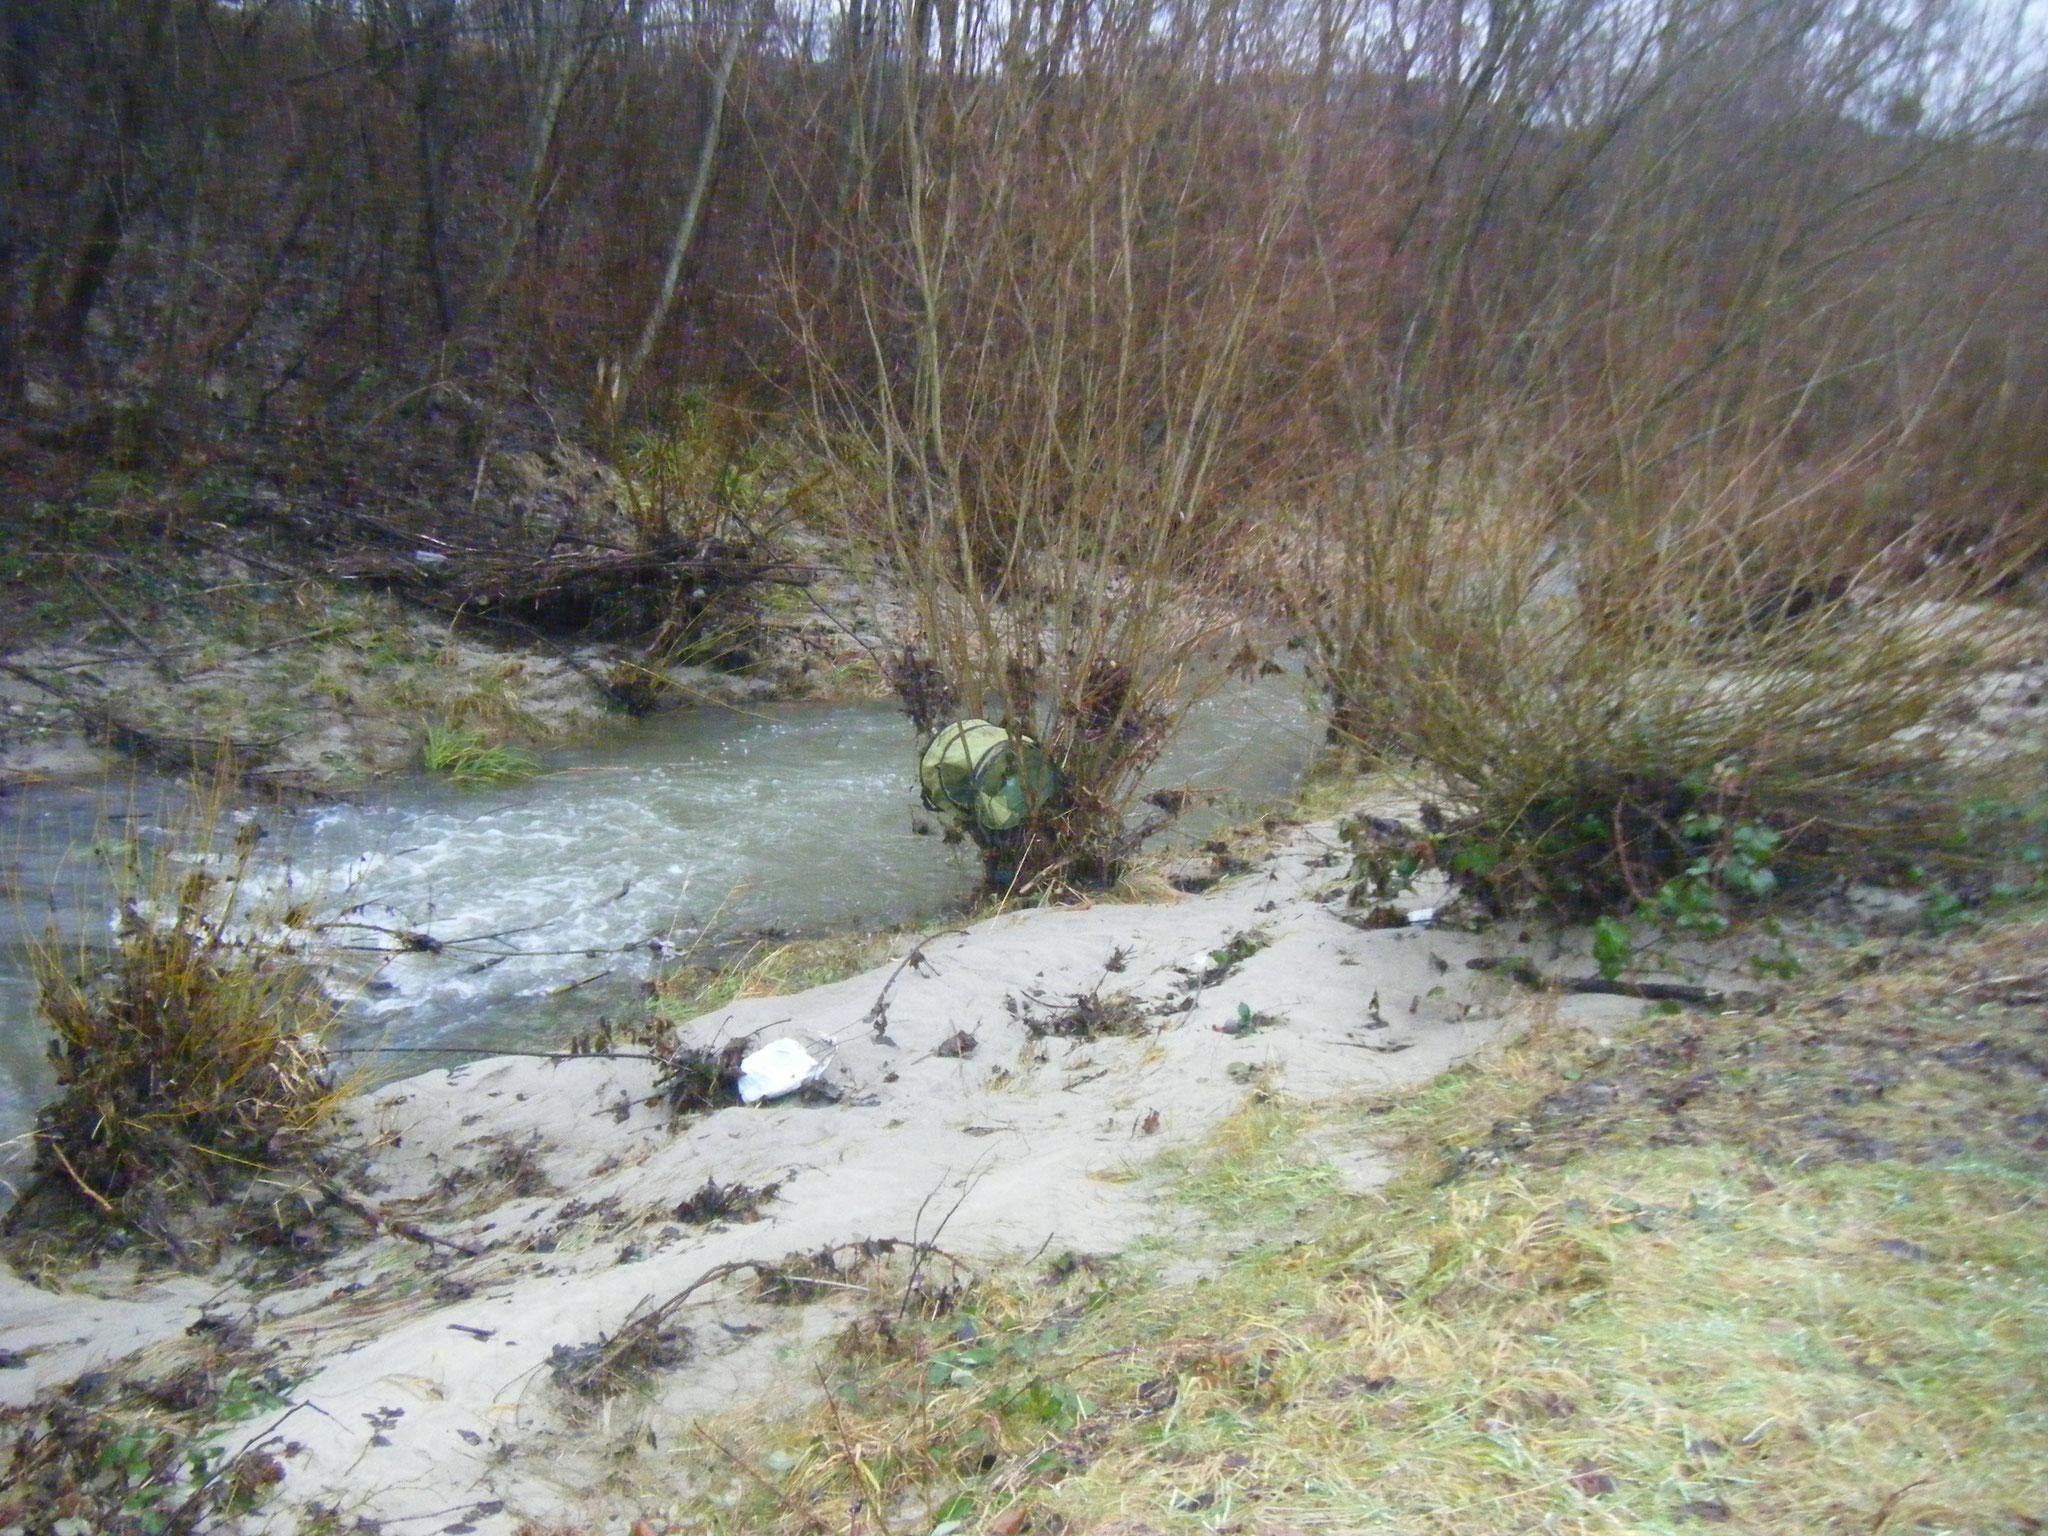 Sand-Ablagerungen am Allmannsweiler Bach durch die Überspülungen der Halbinsel, in einem Weidegebüsch ein Garten-Abfallsack. Wo der wohl herkommt?